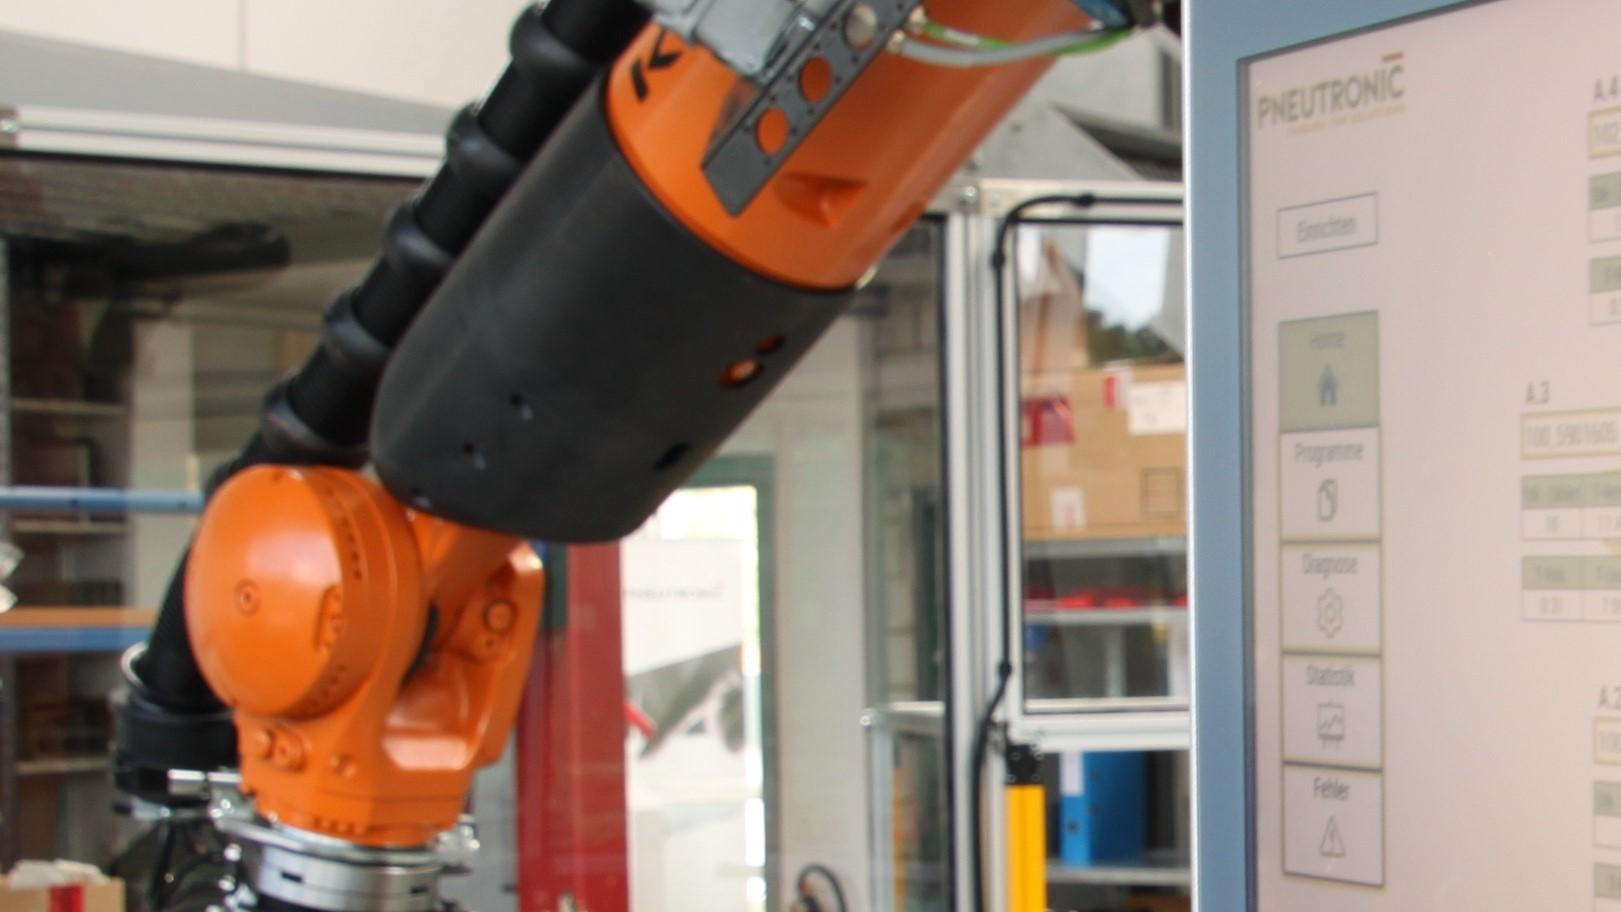 Kuka Roboterprogrammierung KR 4, Robotersimulation